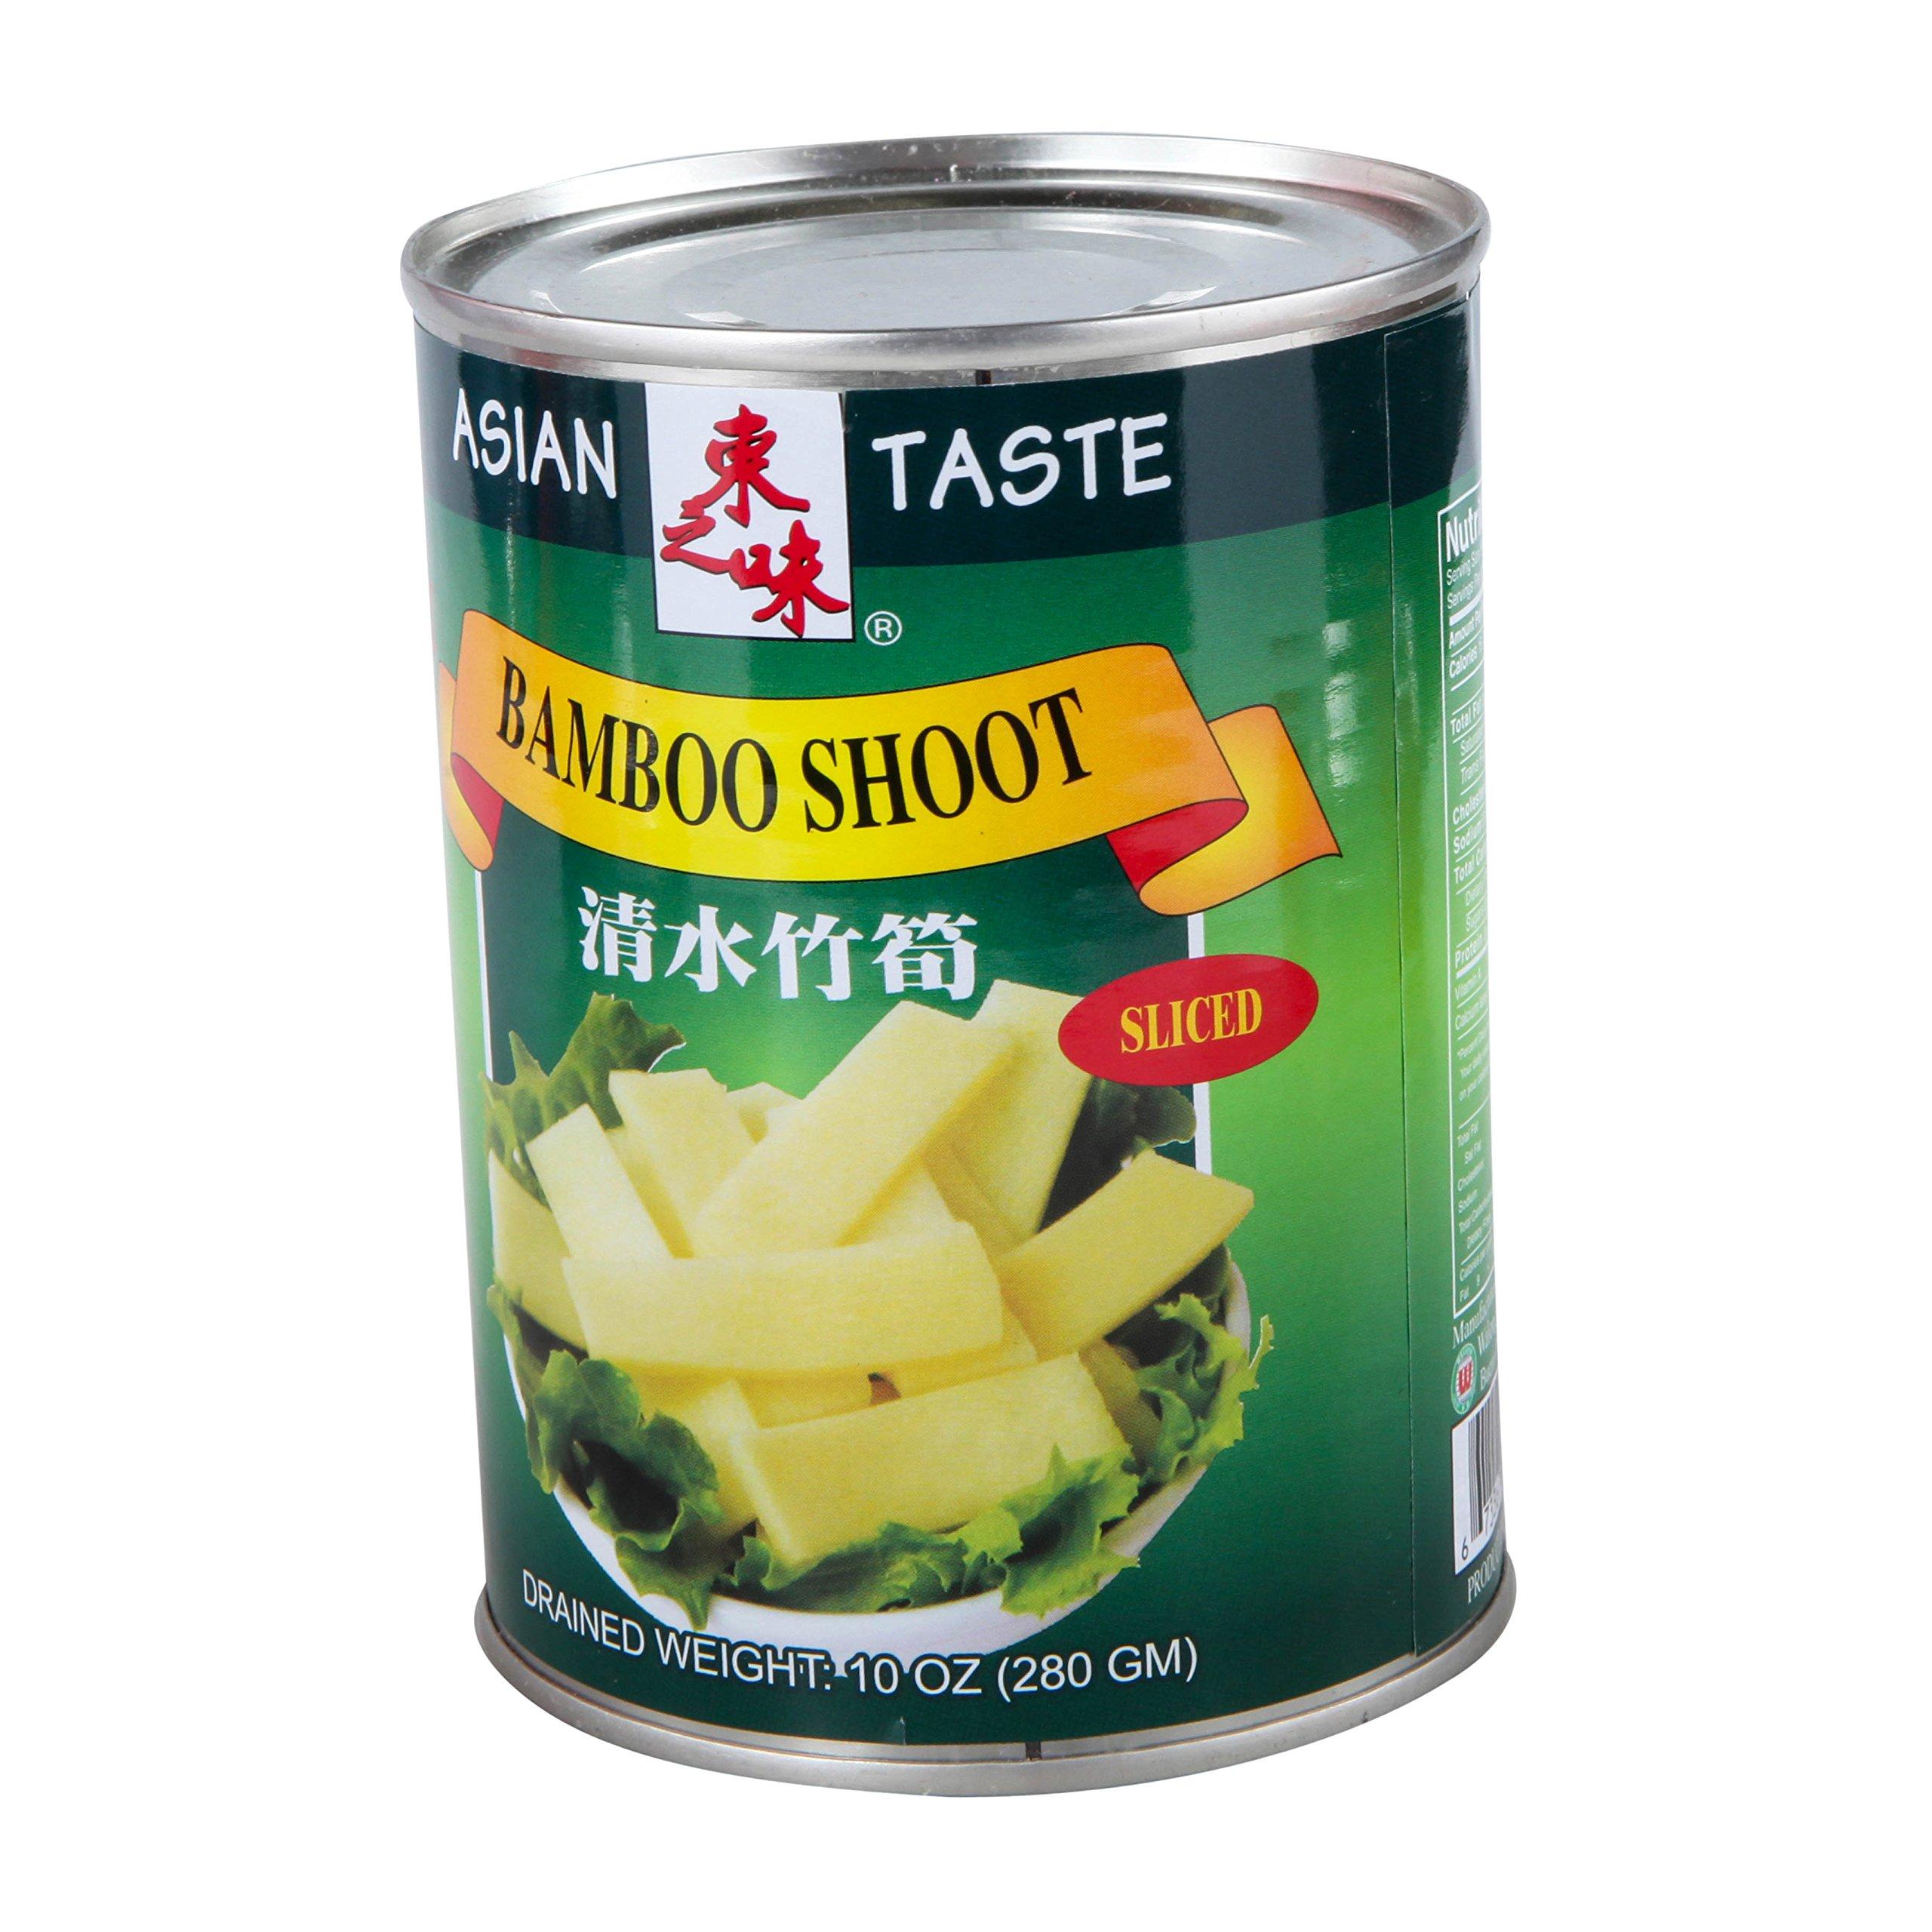 Asian Taste, Bamboo Shoot Sliced, 19 oz